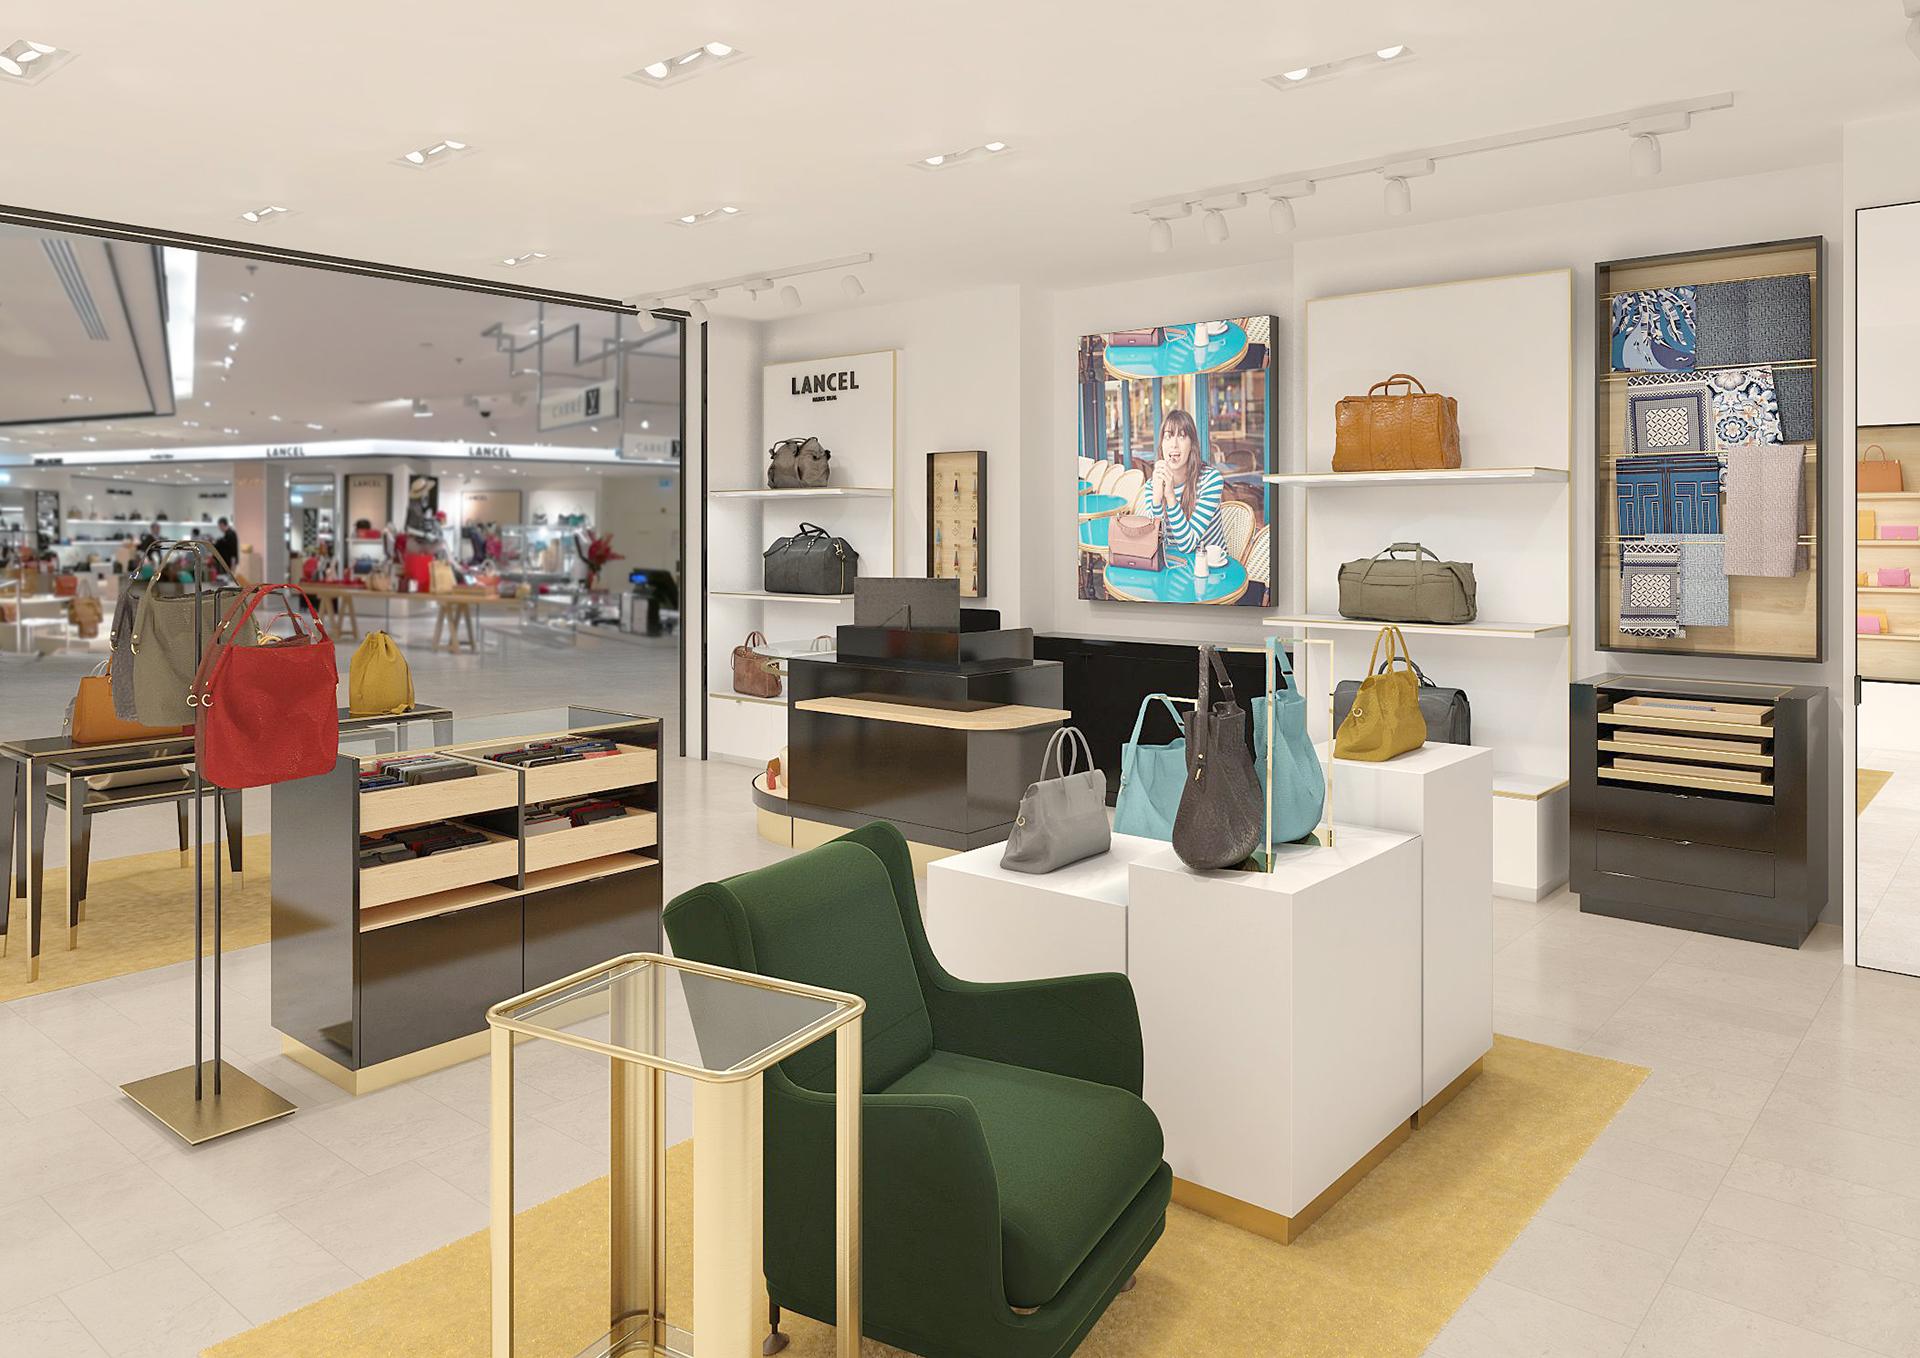 Modélisation 3D de l'intérieur d'un magasin